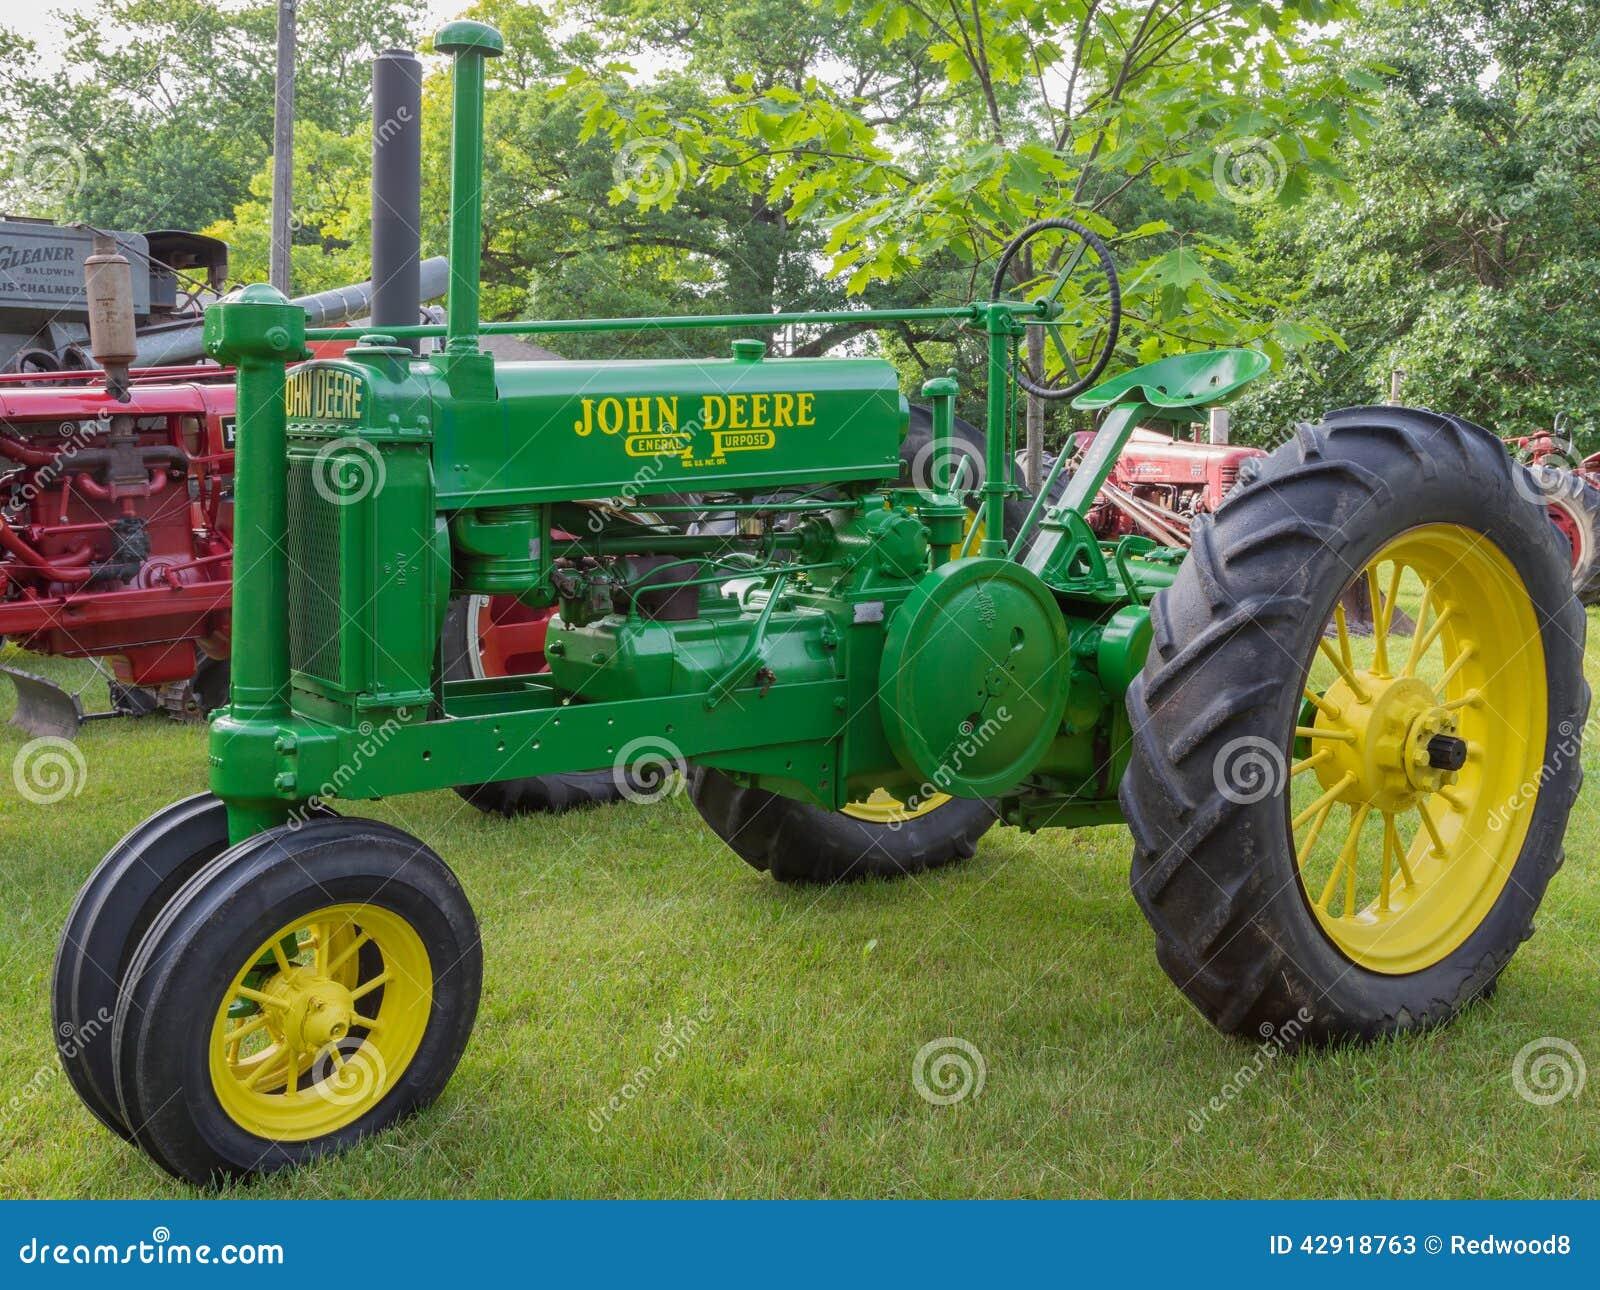 John Deere General Purpose Tractor